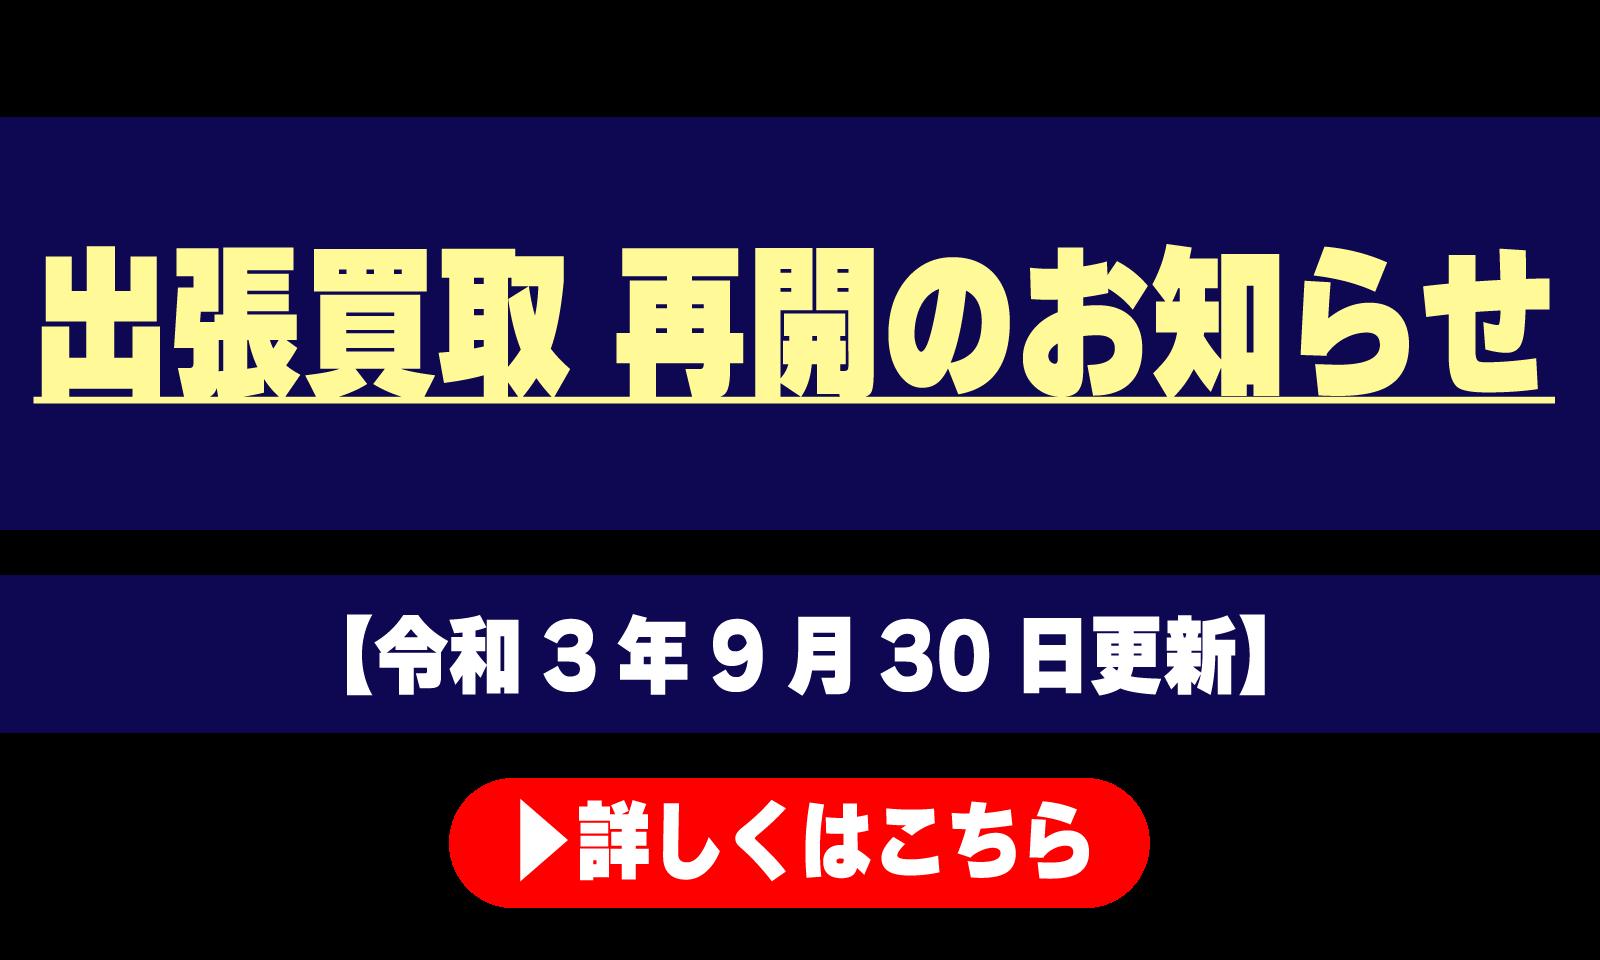 出張買取再開のお知らせ【令和3年9月30 日更新】